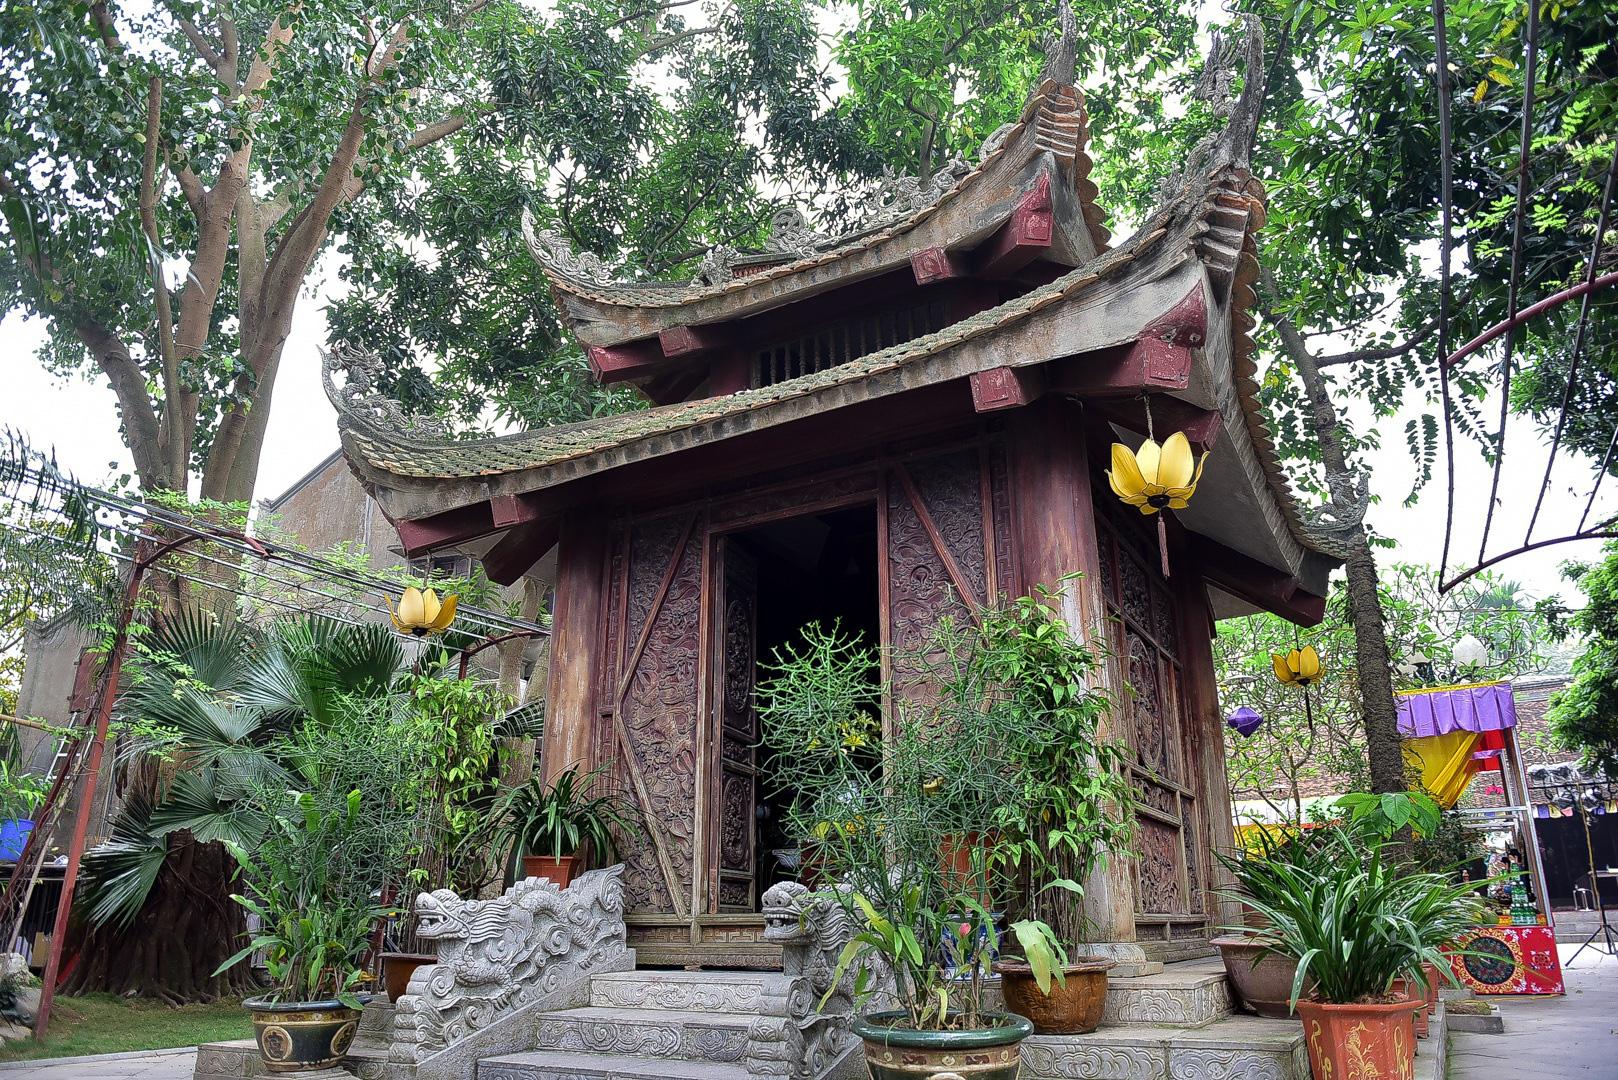 Tượng Phật từ đá quý nguyên khối trong ngôi chùa nghìn năm tuổi ở Hà Nội - Ảnh 3.